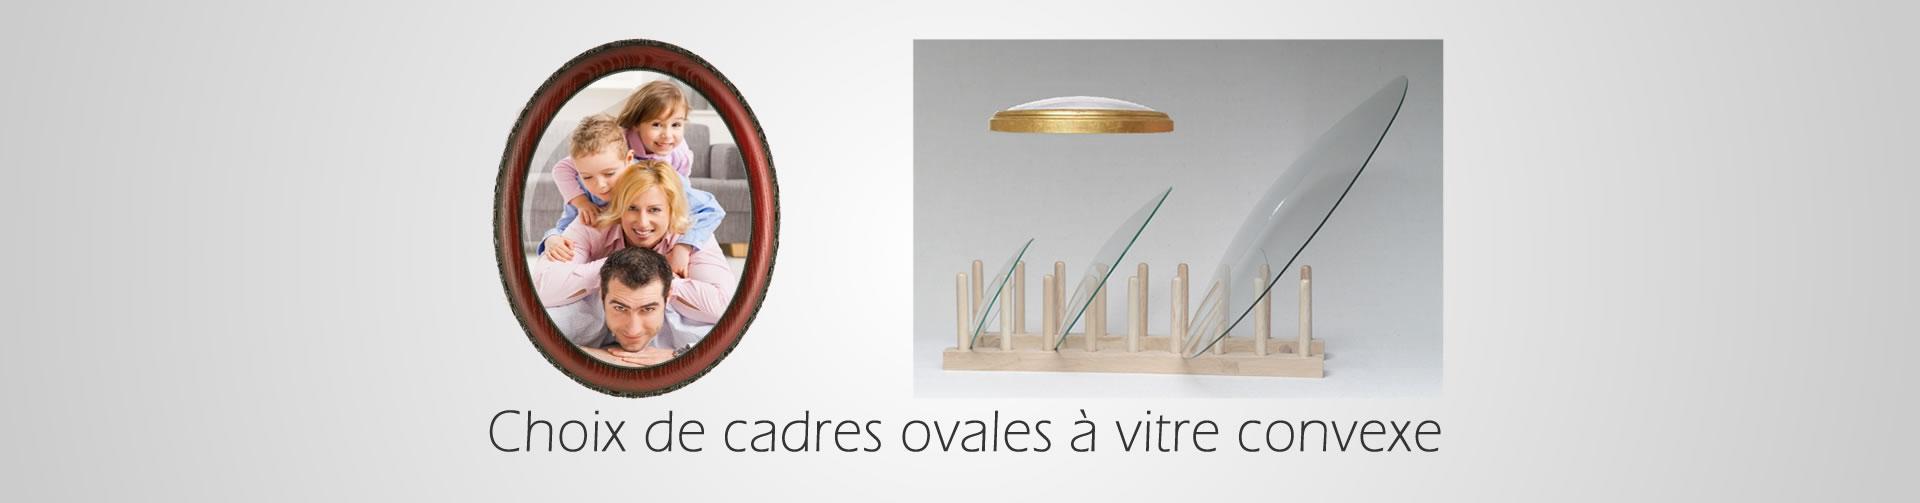 Choix de cadres ovales a vitre convexe